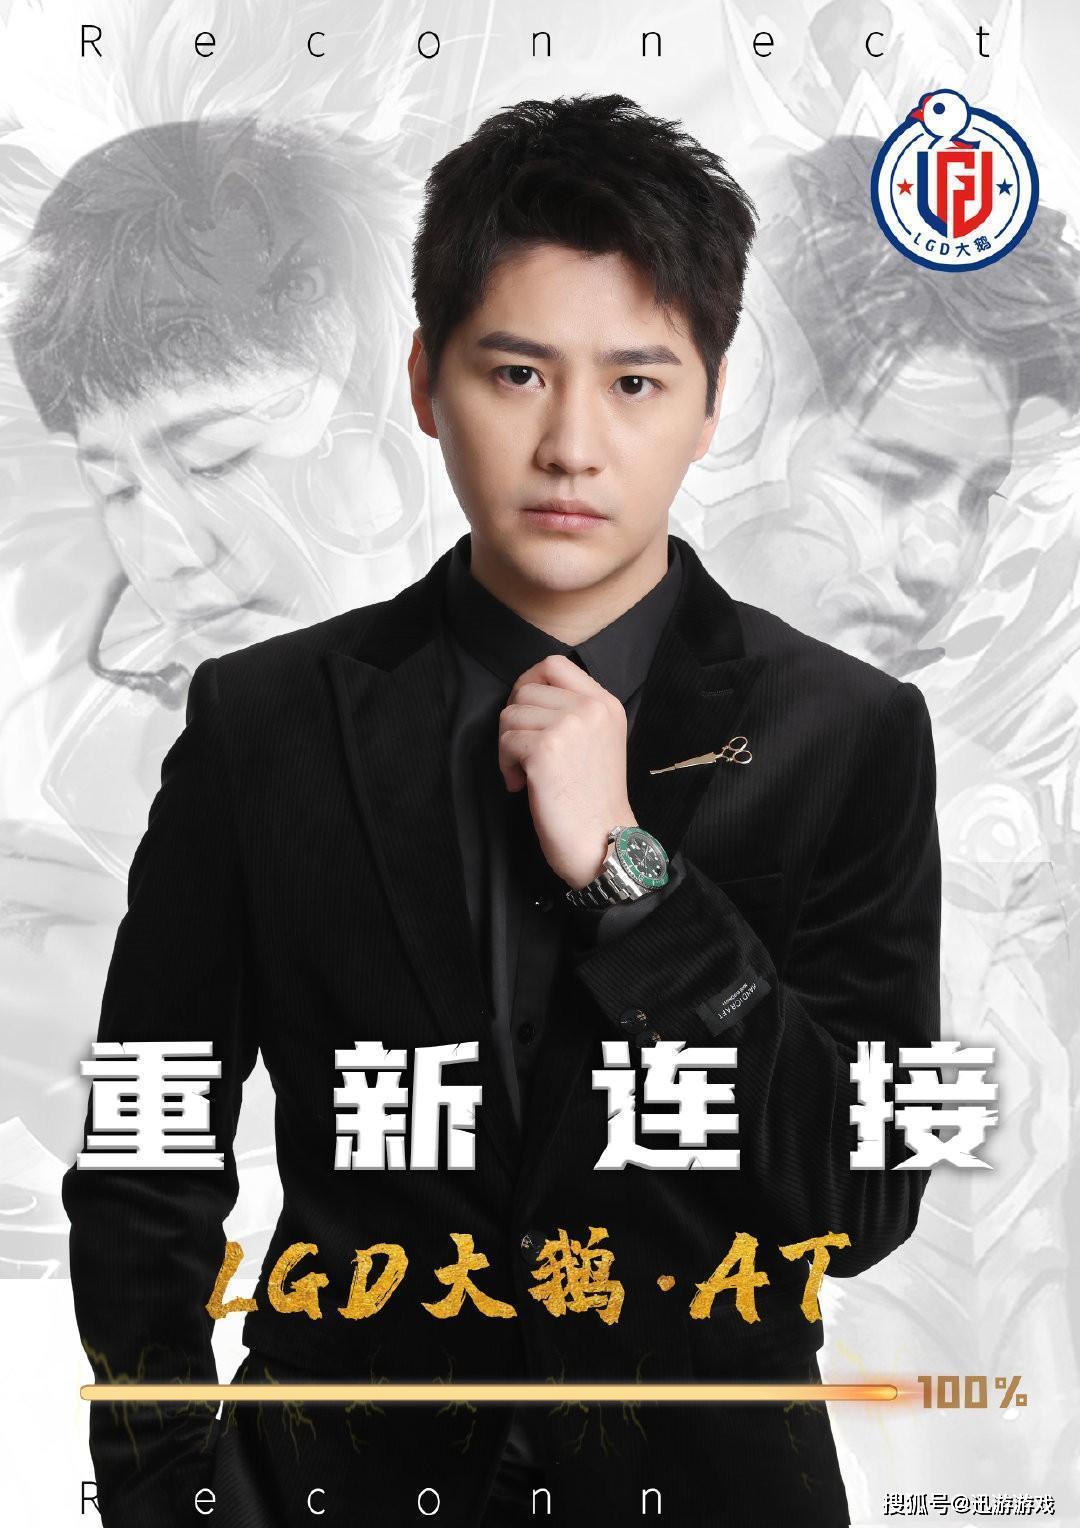 王者荣耀:阿泰终于转型,已确定新LGD大鹅战队当副教练!